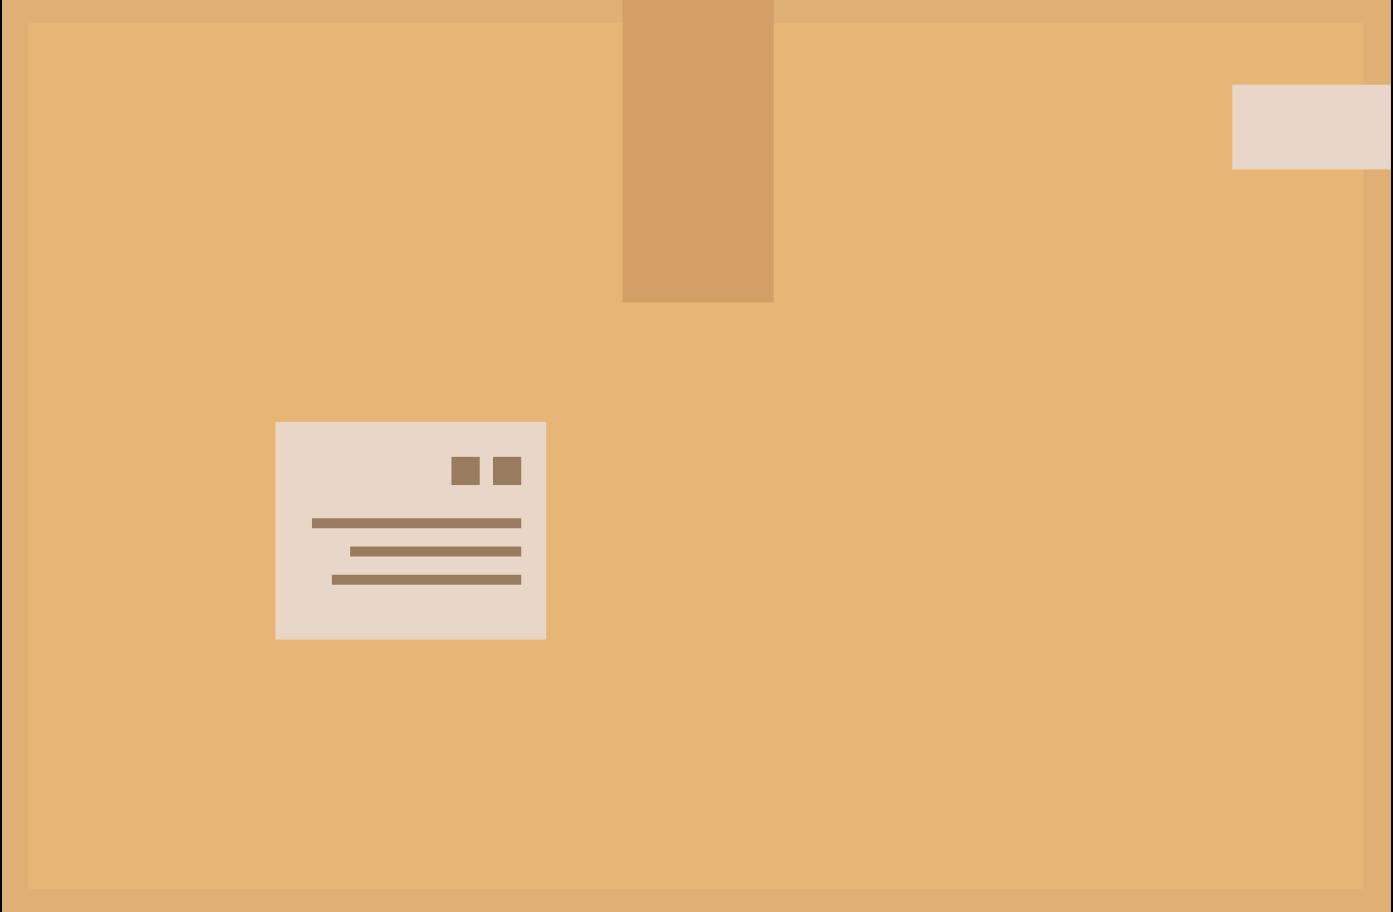 PNGとSVGの  スタイルの ボックス ベクターイメージ | Icons8 イラスト